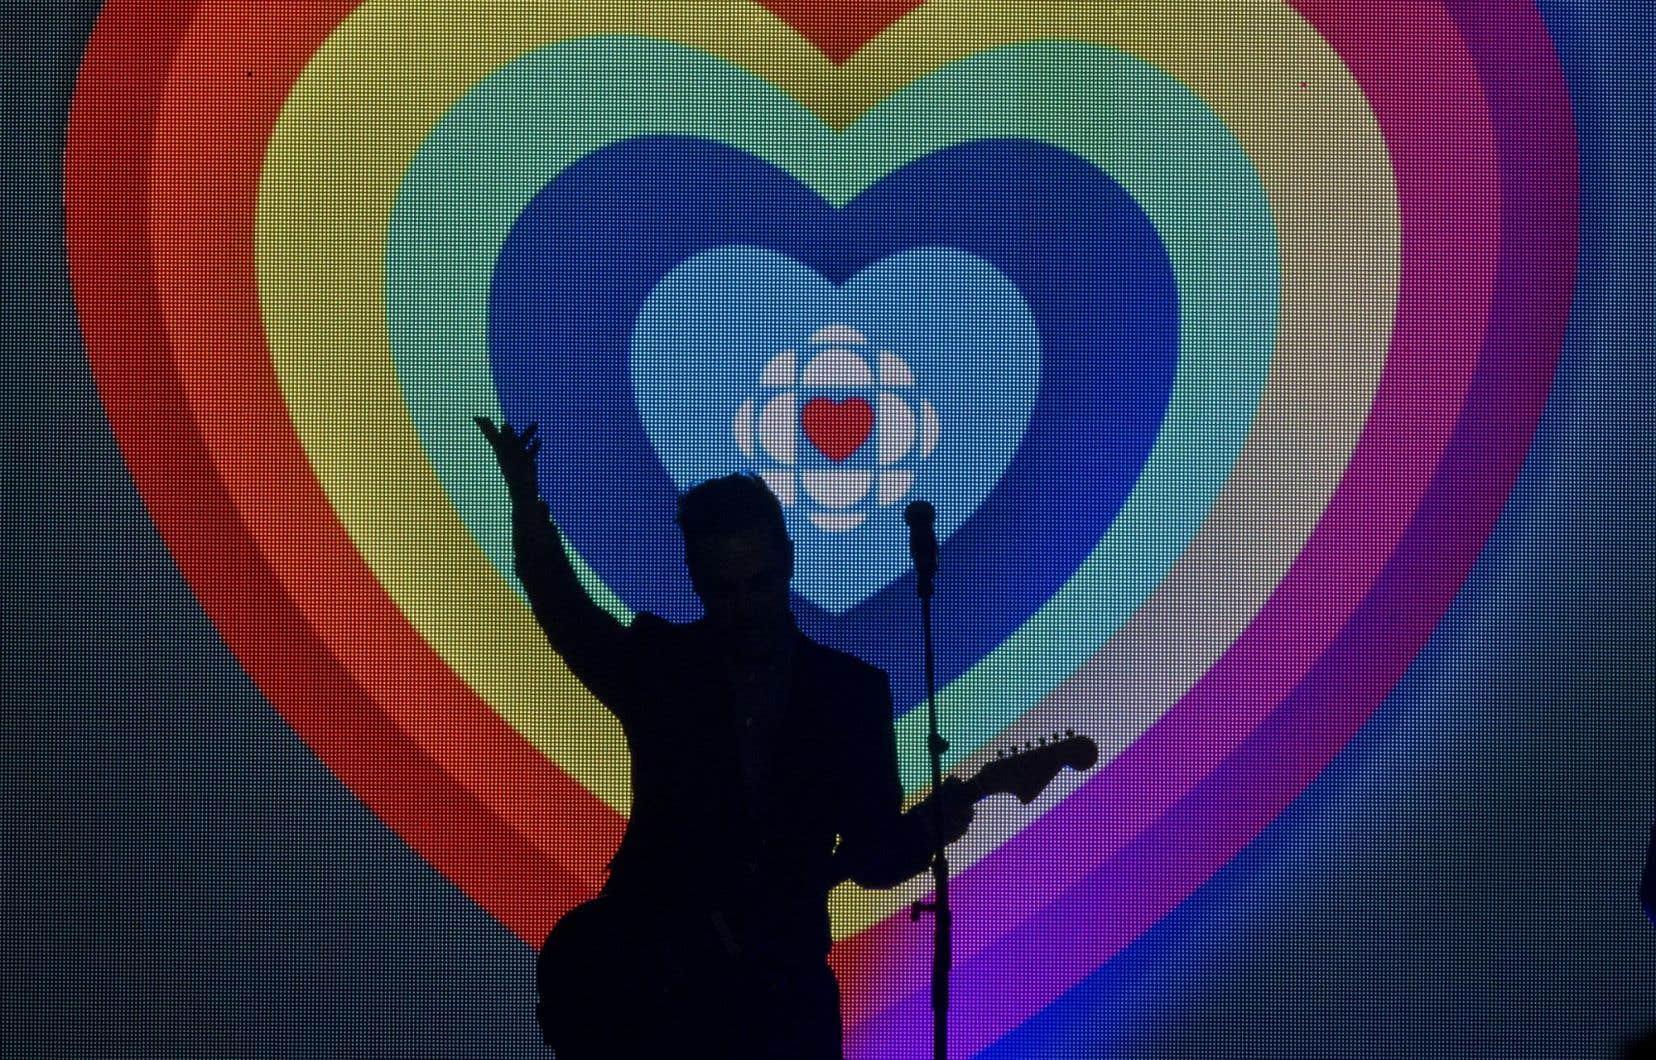 L'attaque est survenue au lendemain d'un spectacle en soutien au diffuseur public qui a rassemblé une trentaine d'artistes au Métropolis de Montréal.